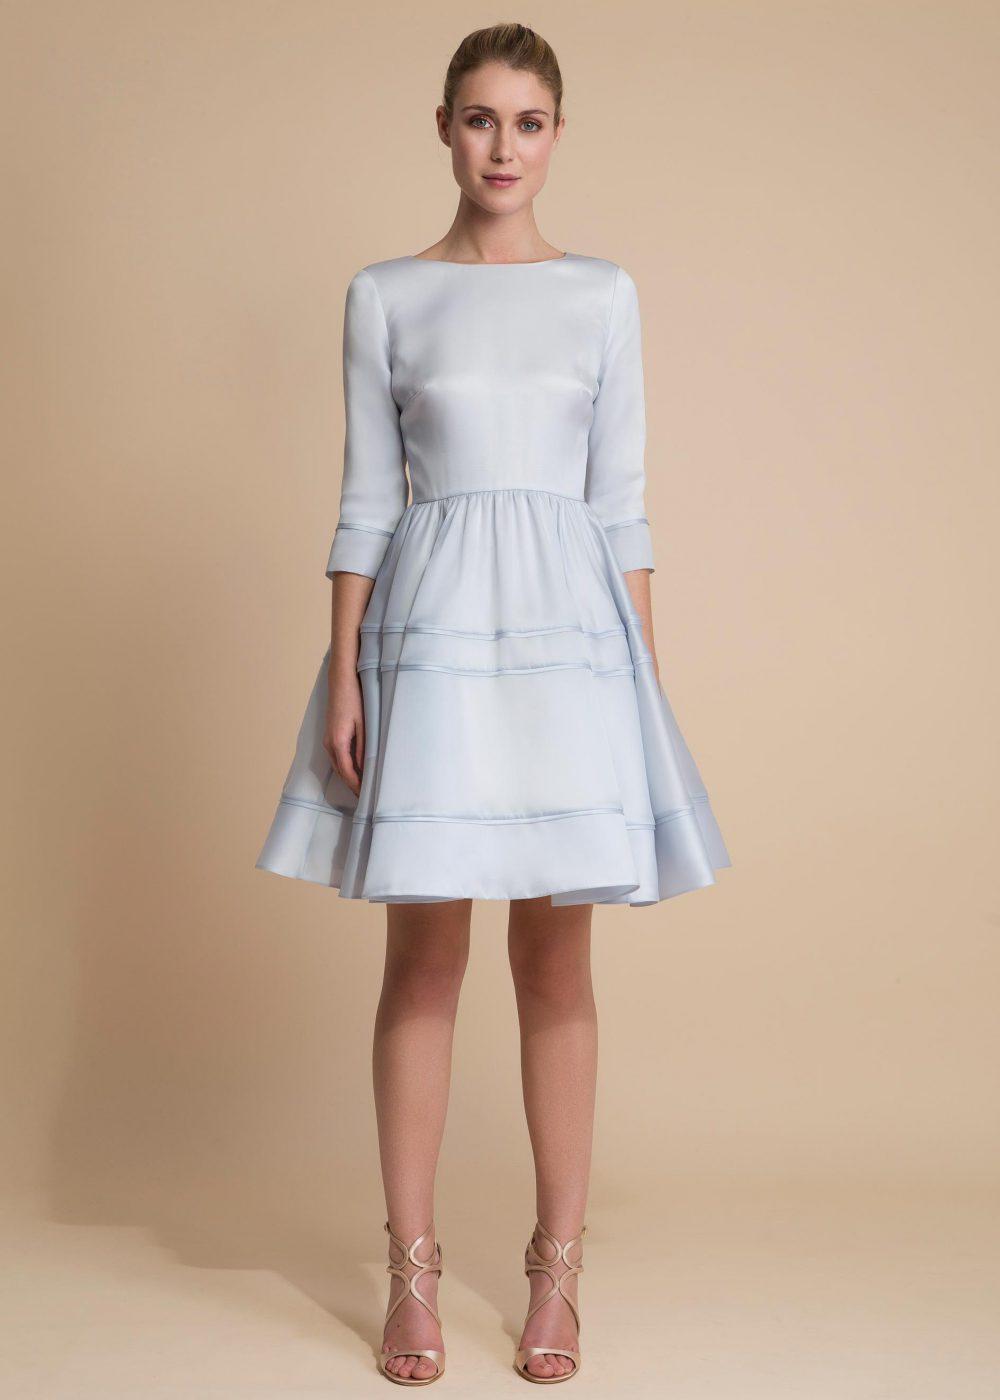 Alexis-robe-de-mariee-bleu-ciel1